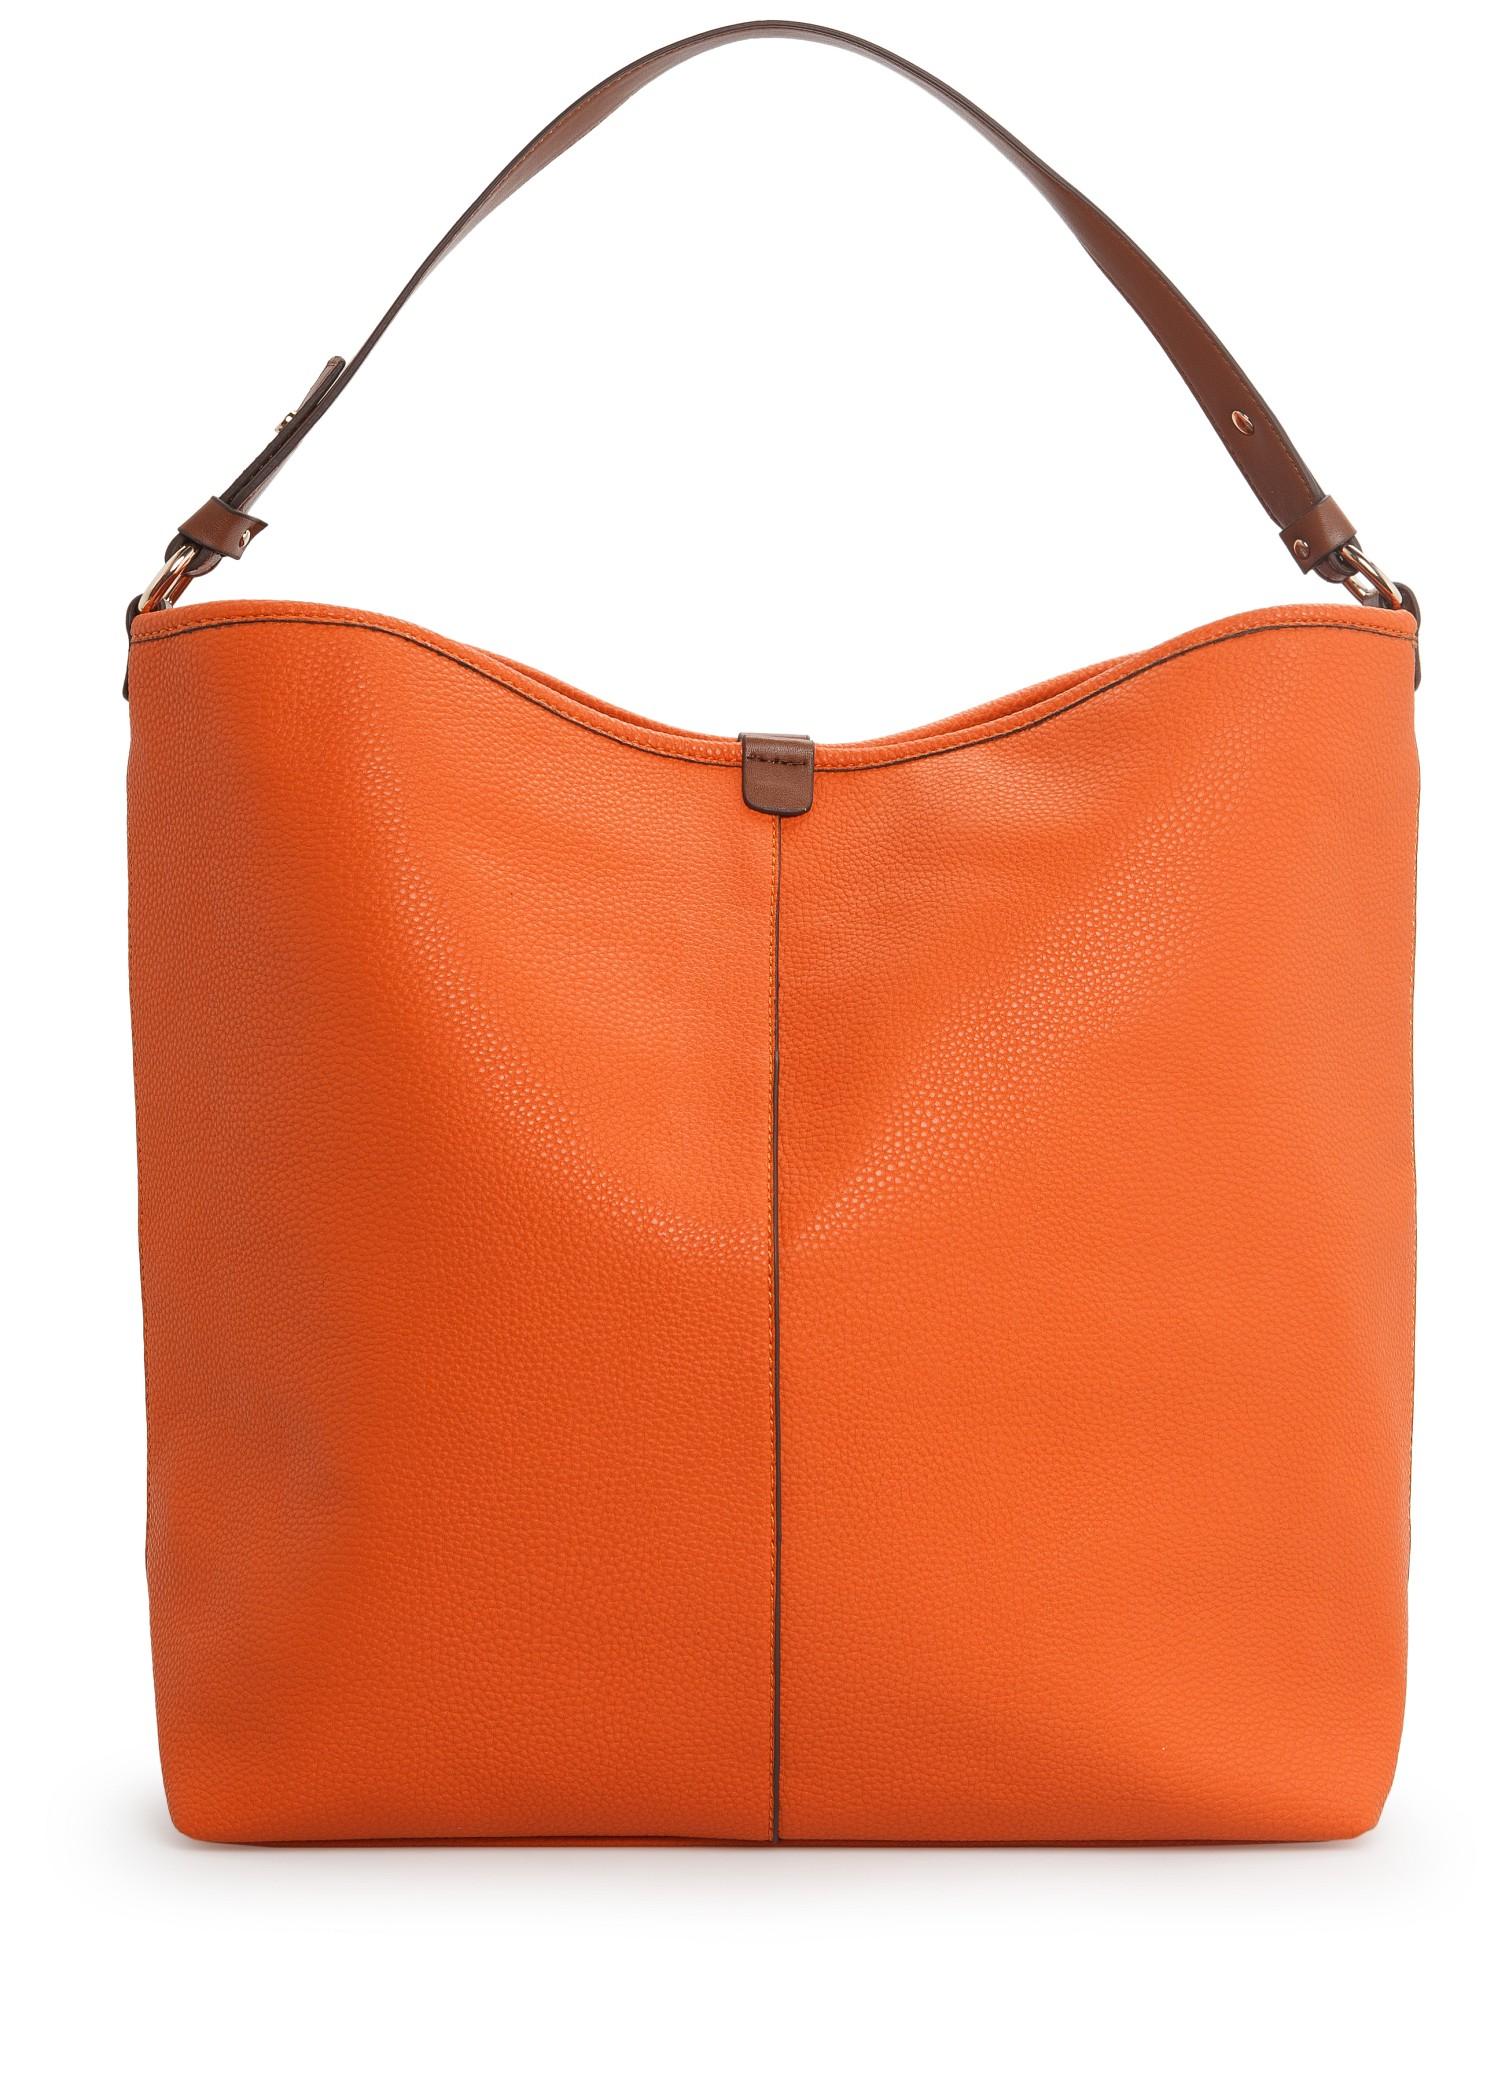 Orange Shoulder Bag - The Best Orange